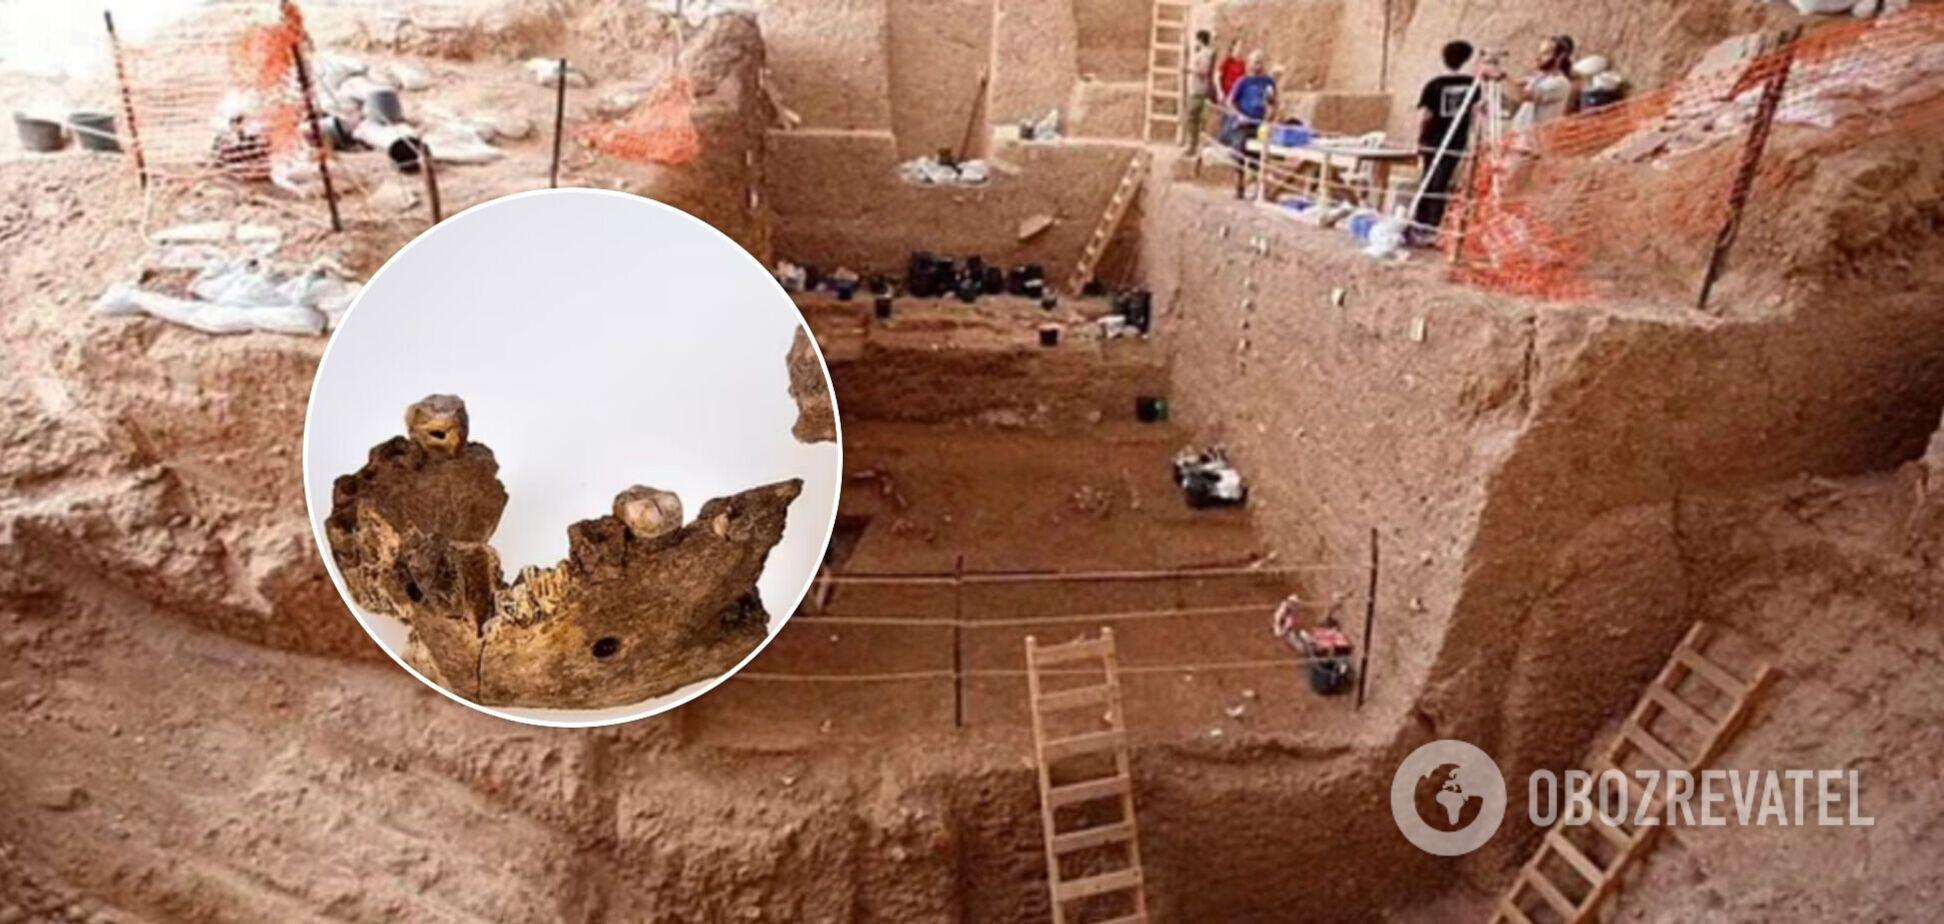 В Ізраїлі виявили останки невідомого раніше виду стародавньої людини. Фото